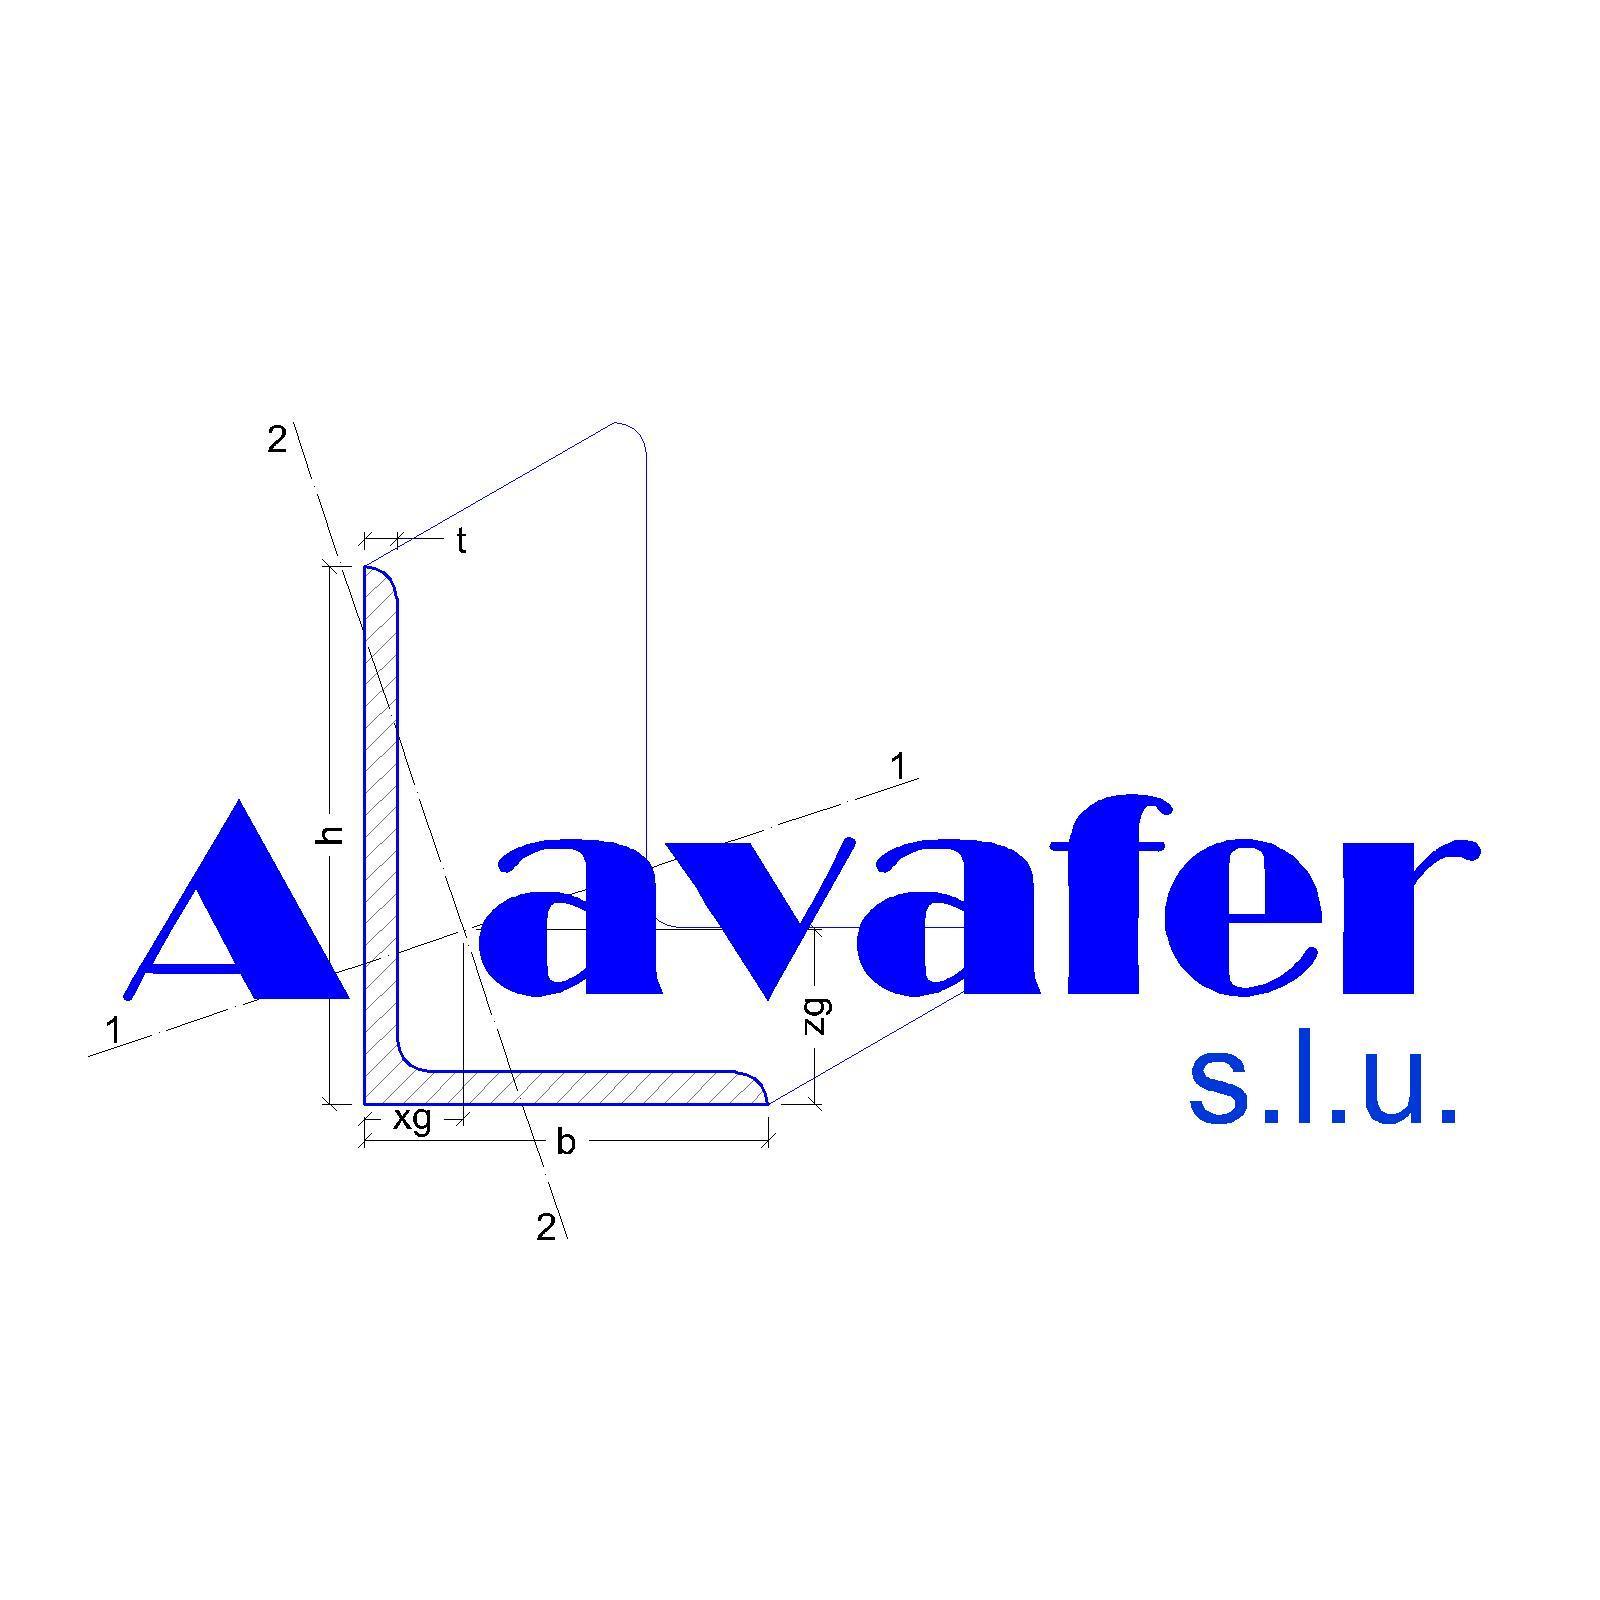 Alavafer